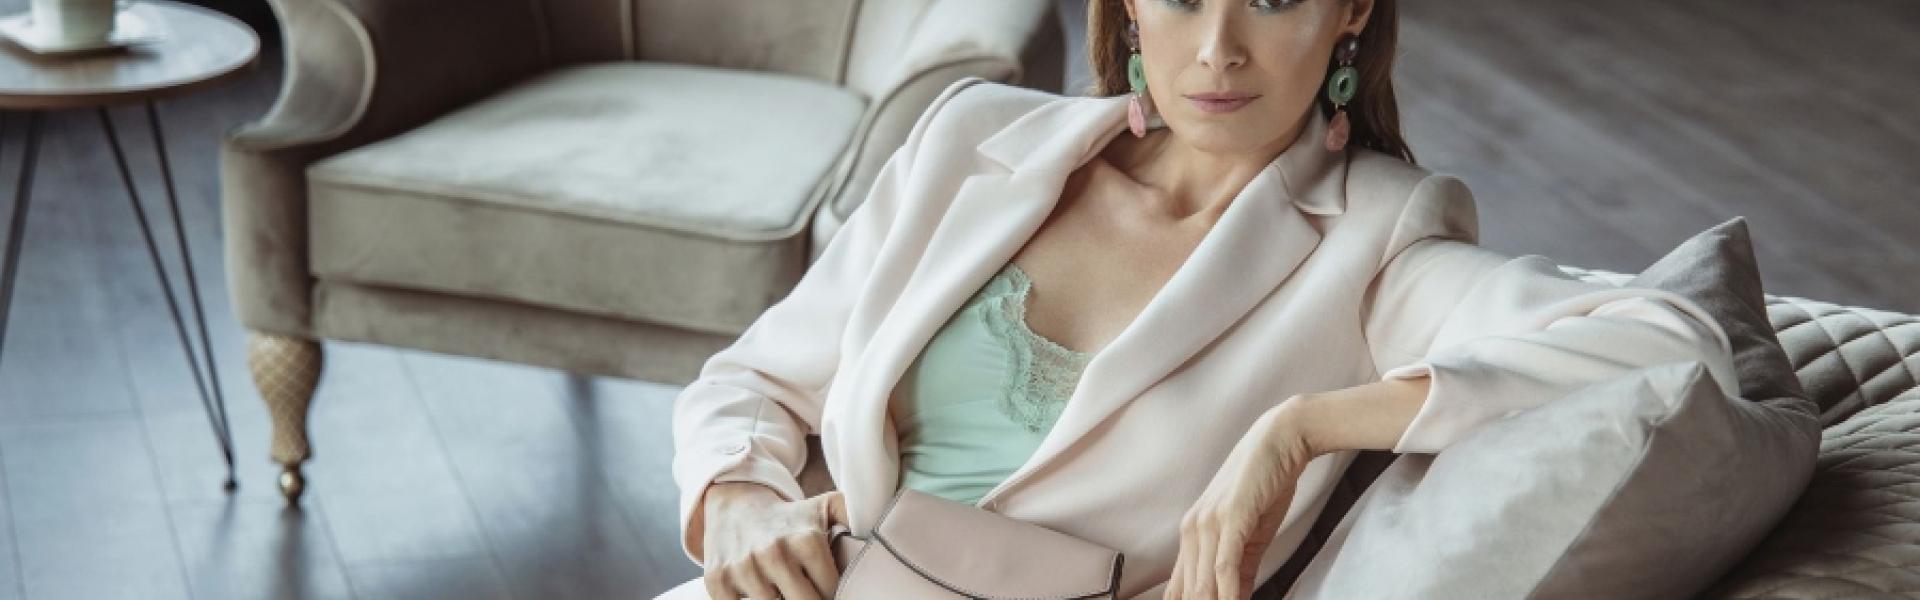 Каролина Гочева како модна инспирација за MANGO жената